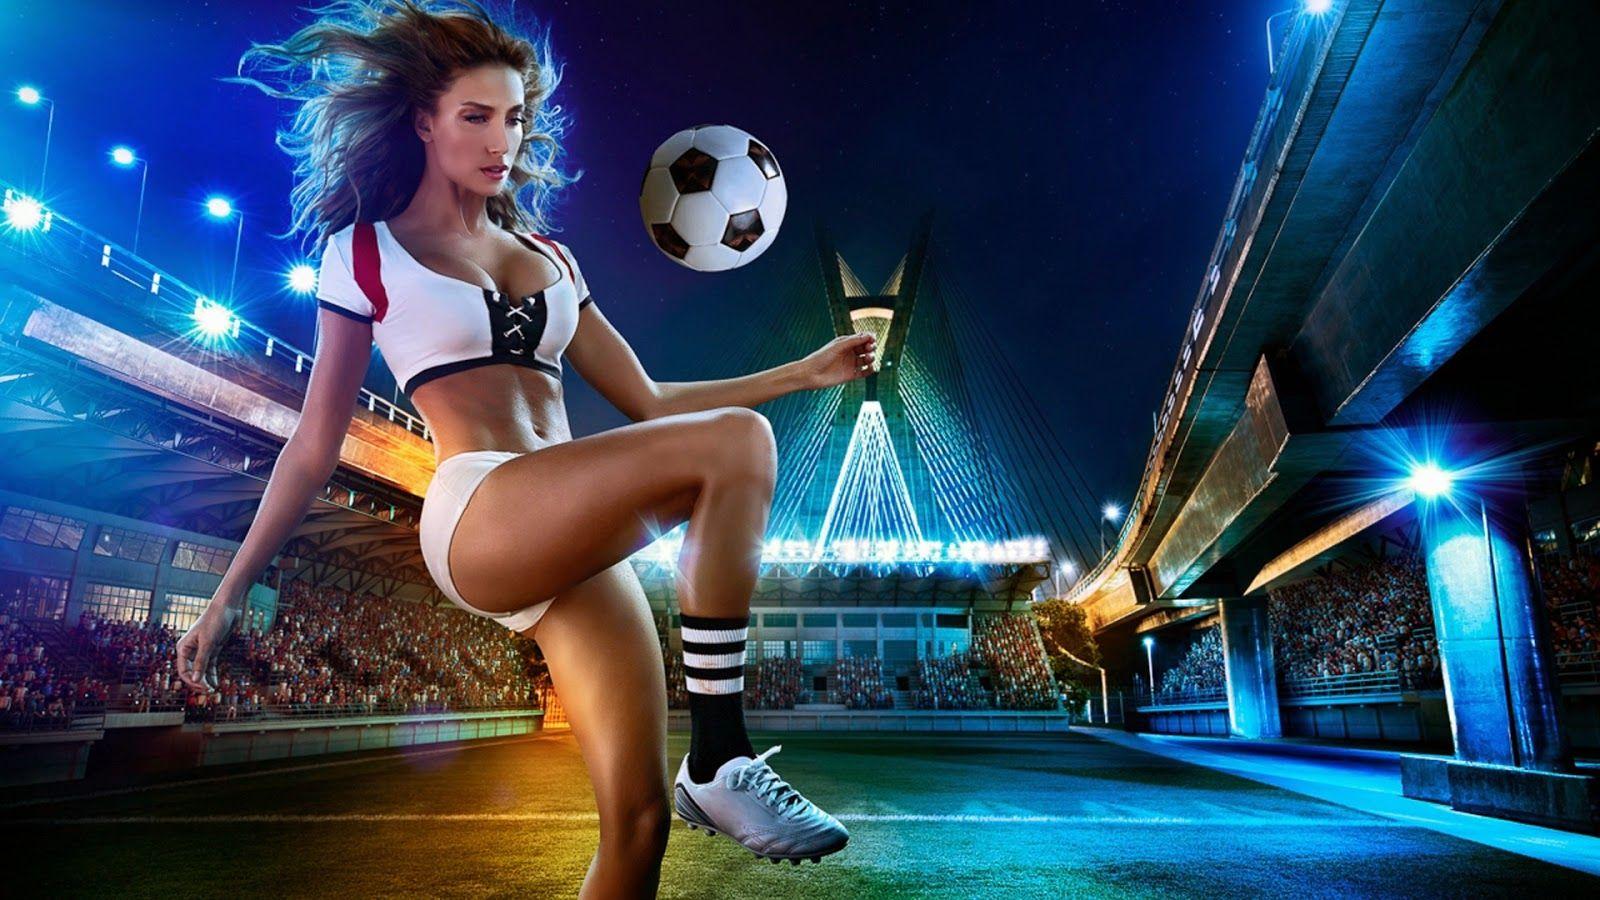 เว็บบอลต่างประเทศ